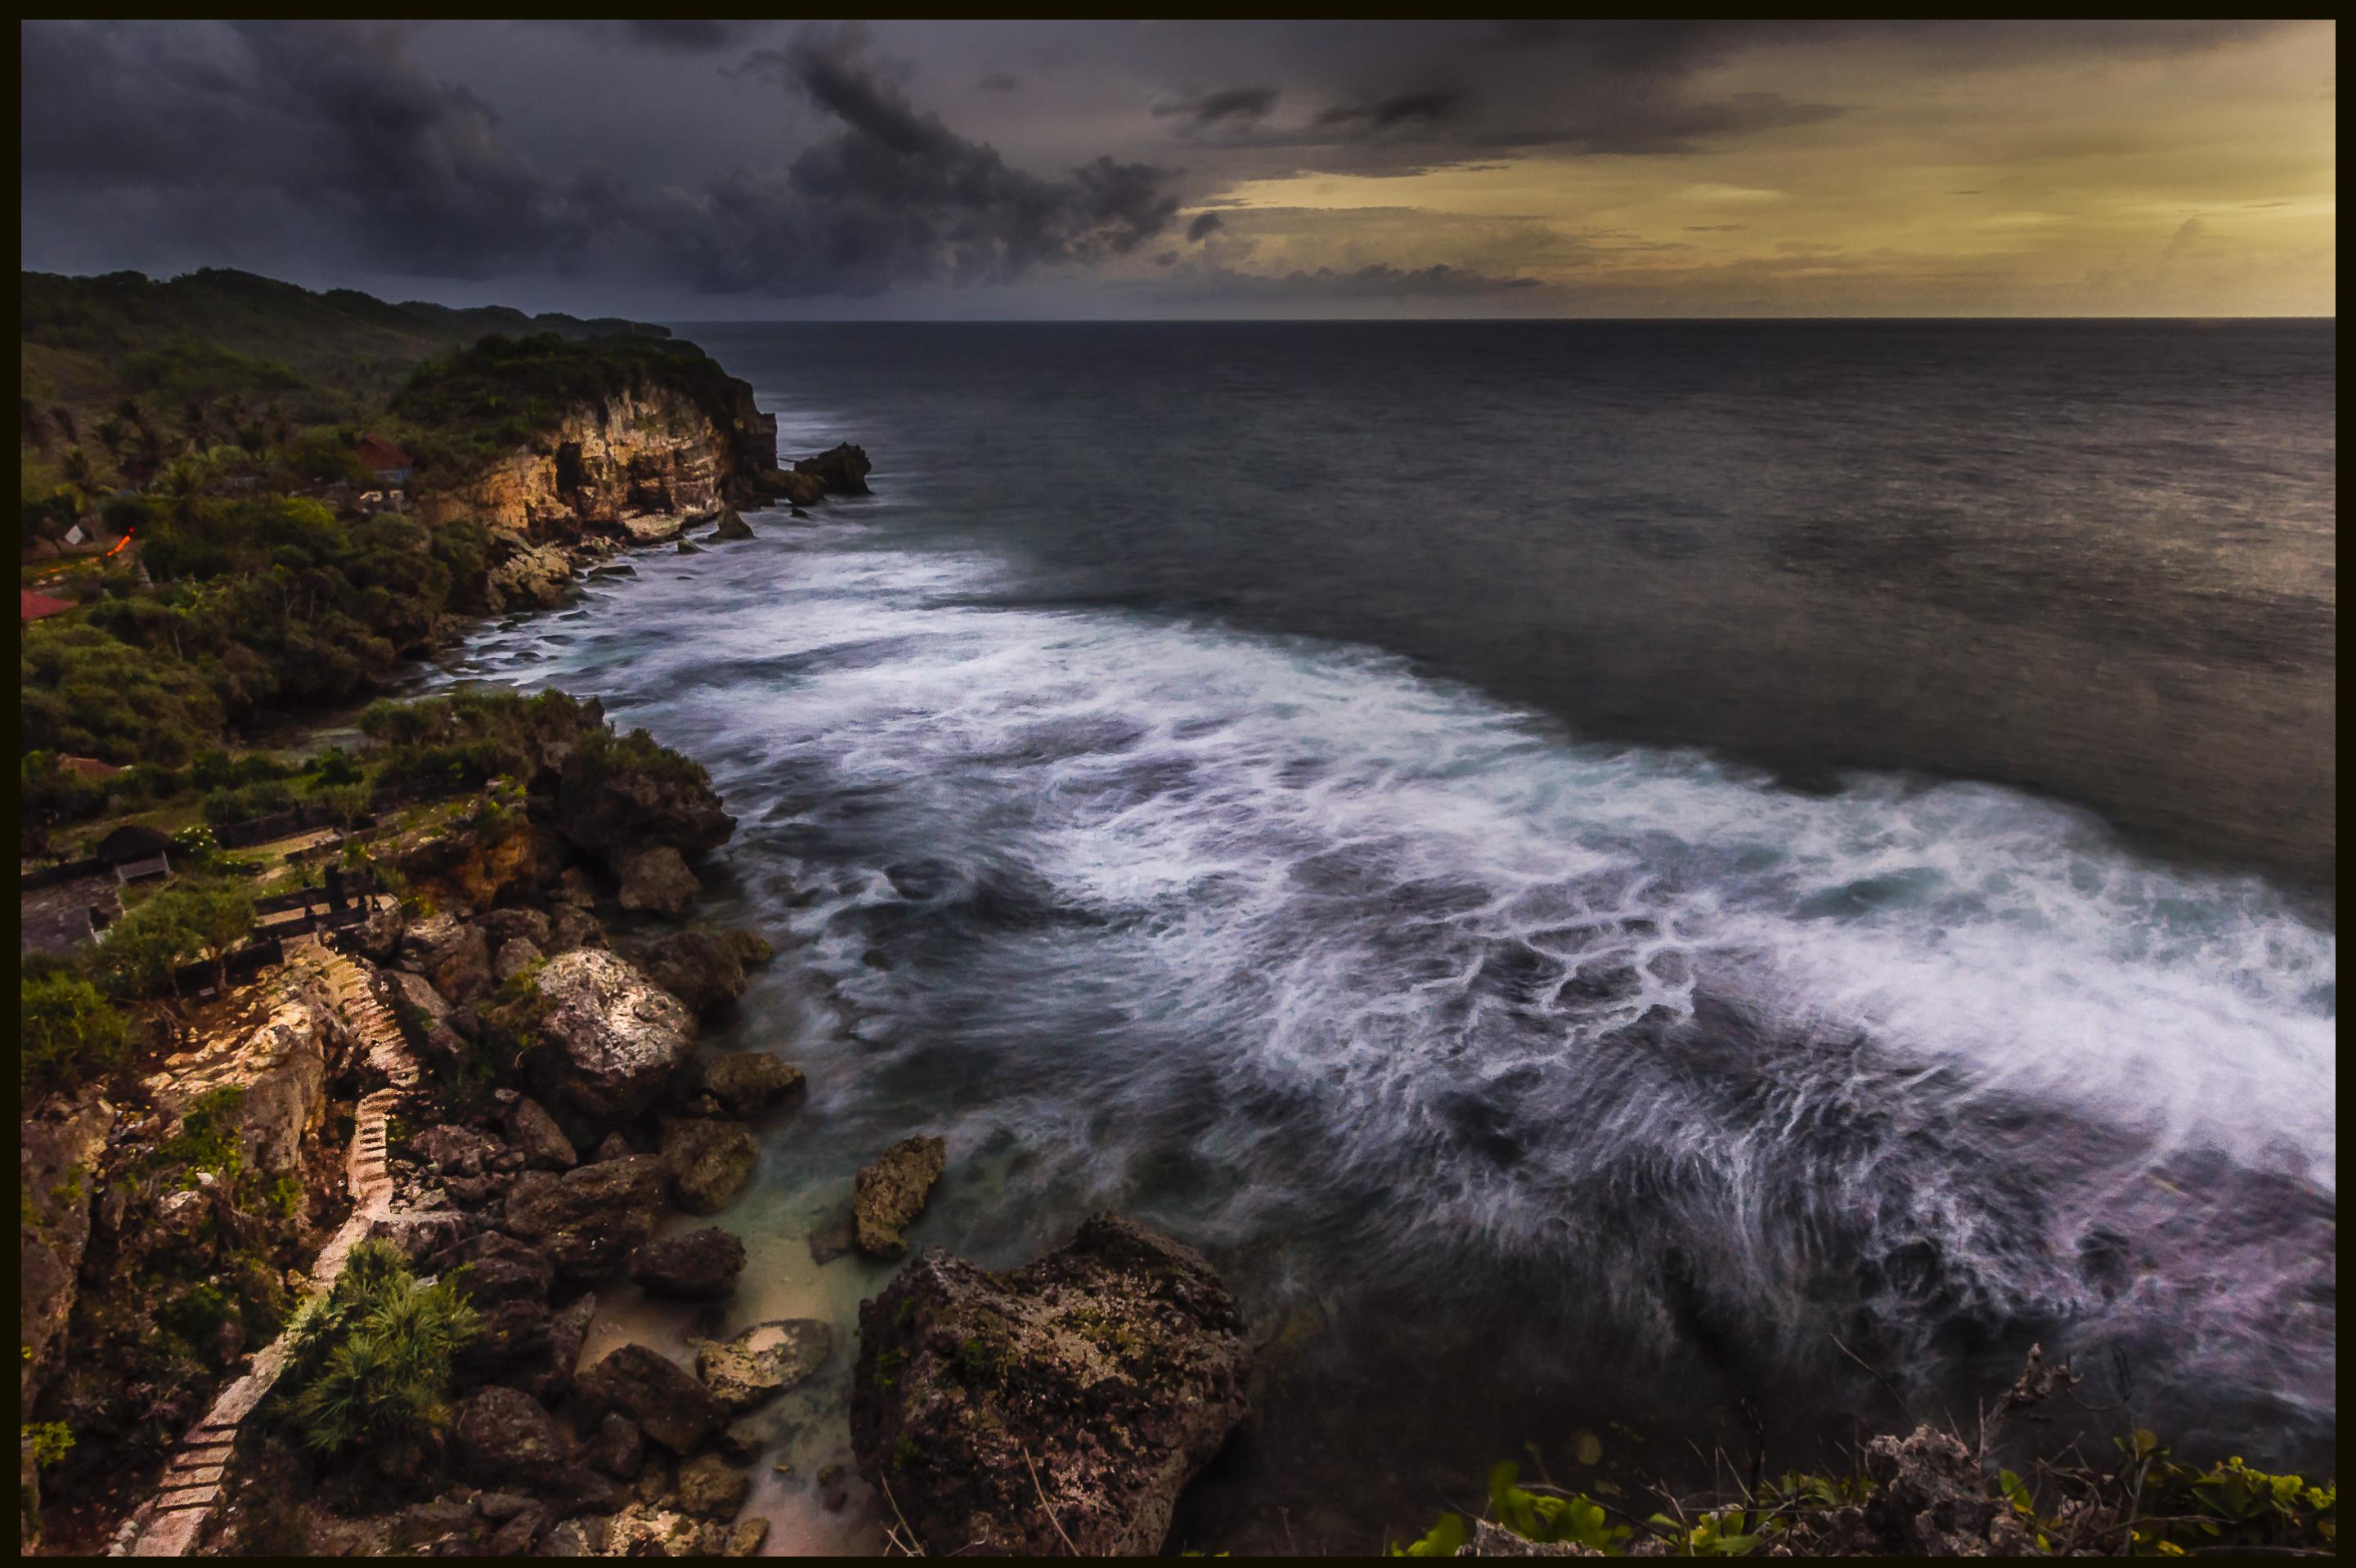 Ngobaran Waves - Iksa Menajang